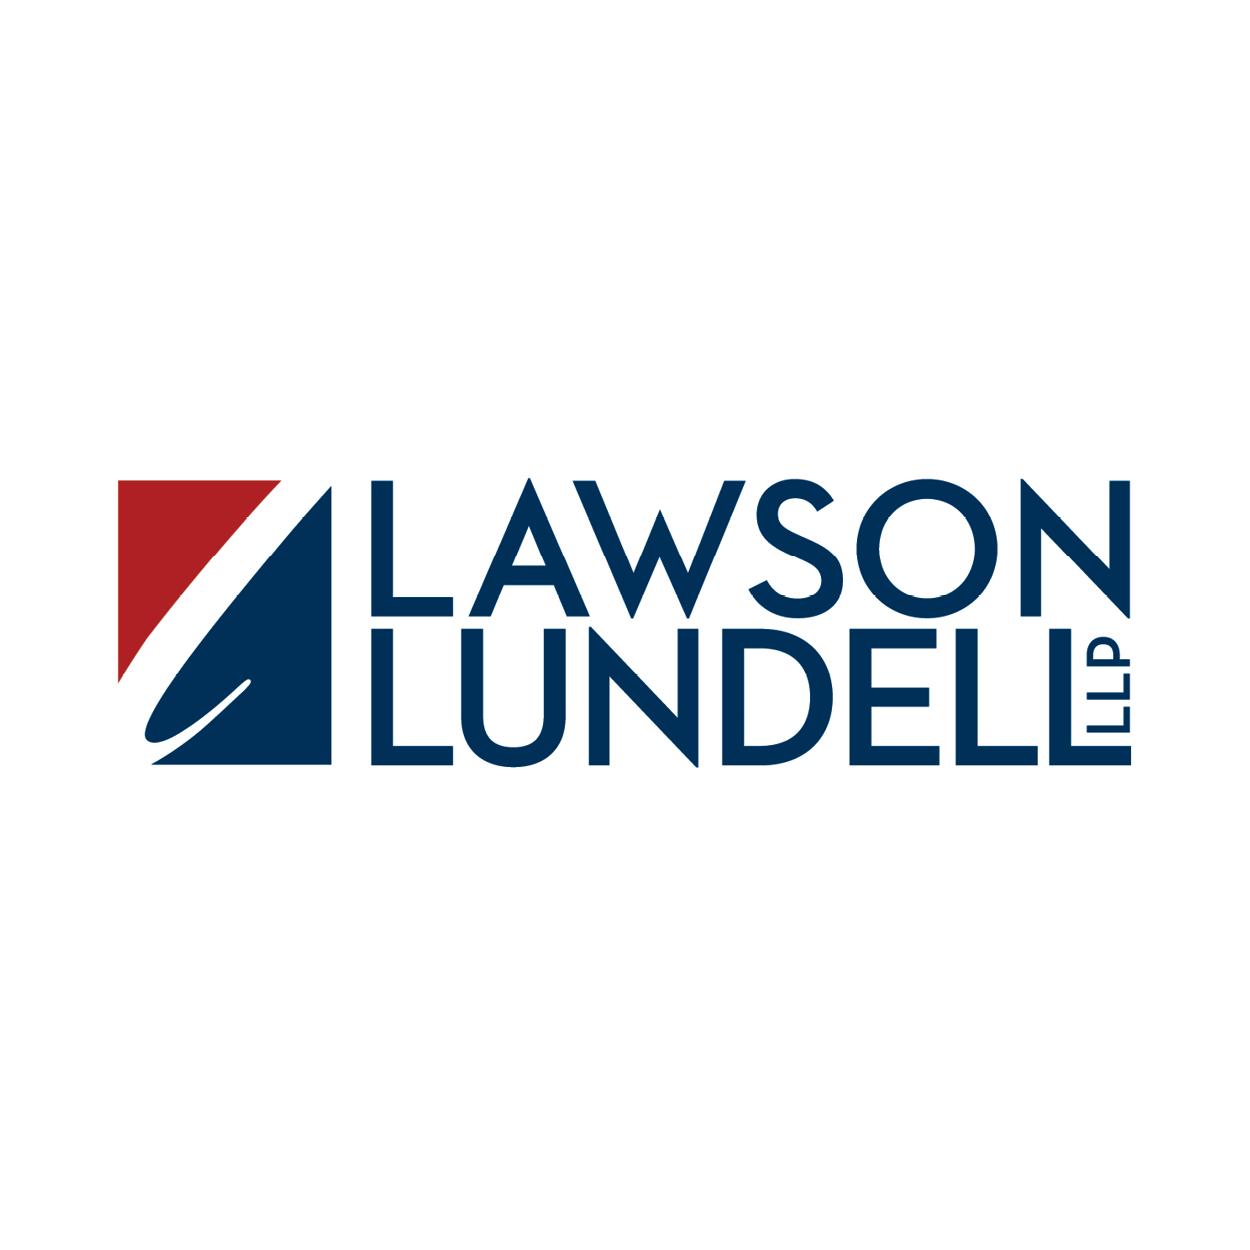 Lawson Lundell LLP